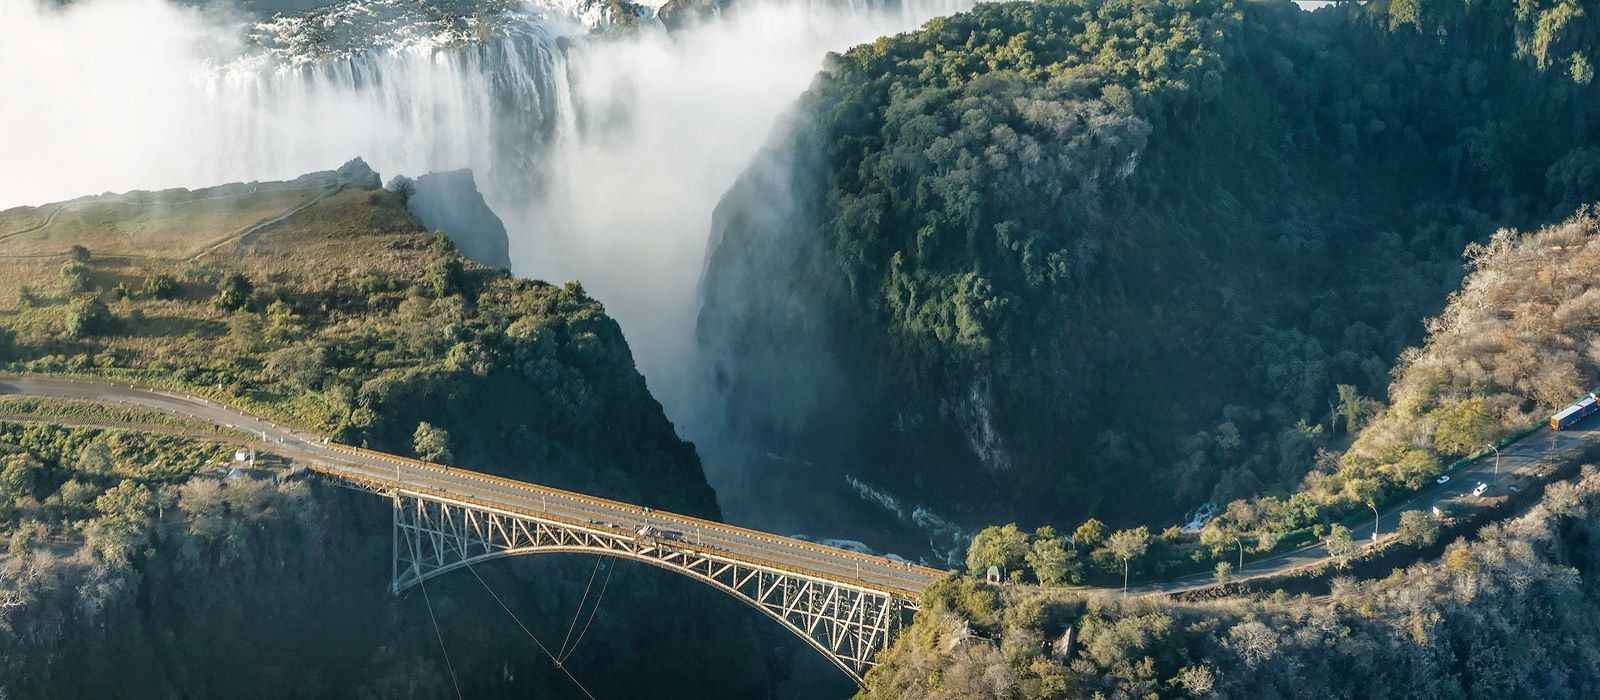 Cape Town, Okavango Delta and Victoria Falls Tour Trip 4